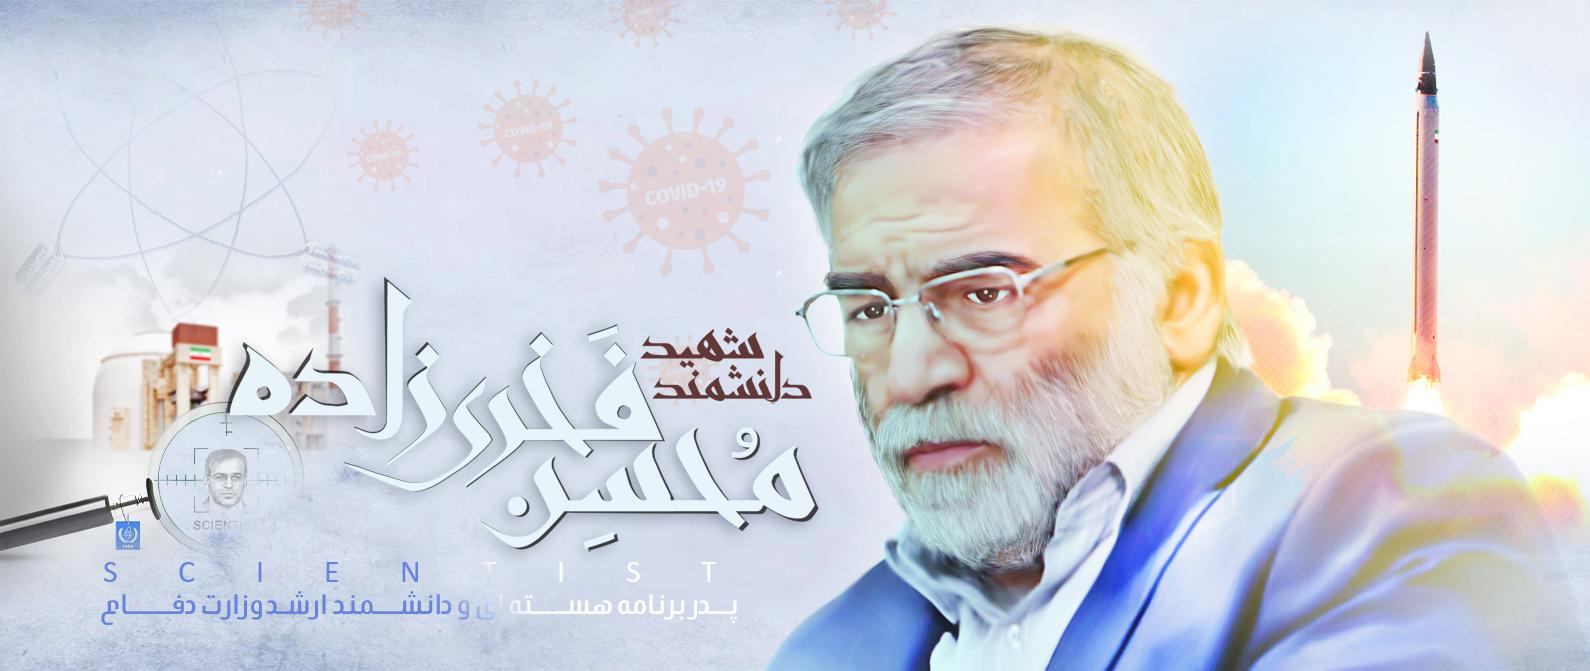 شهید دانشمند محسن فخری زاده